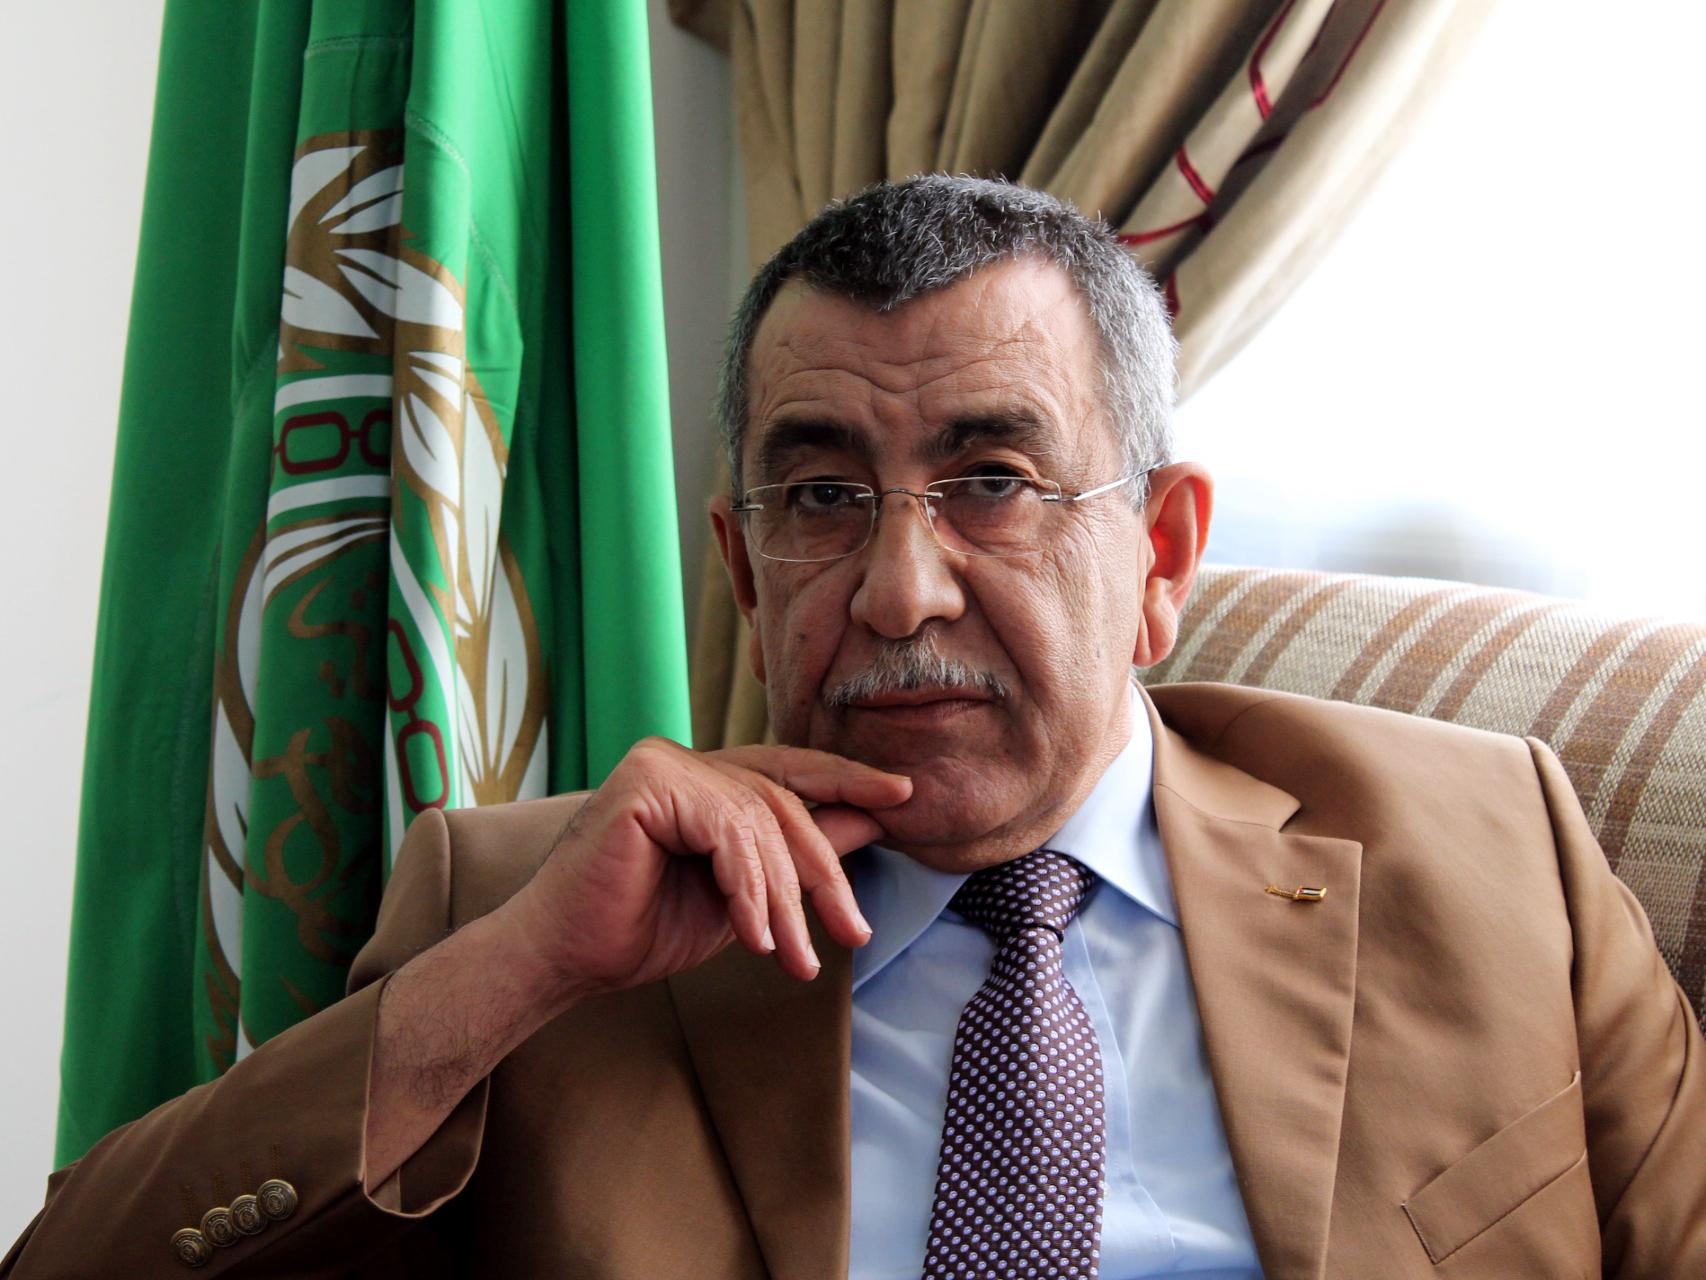 الجامعة العربية تحيي اليوم العالمي للتضامن مع الشعب الفلسطيني